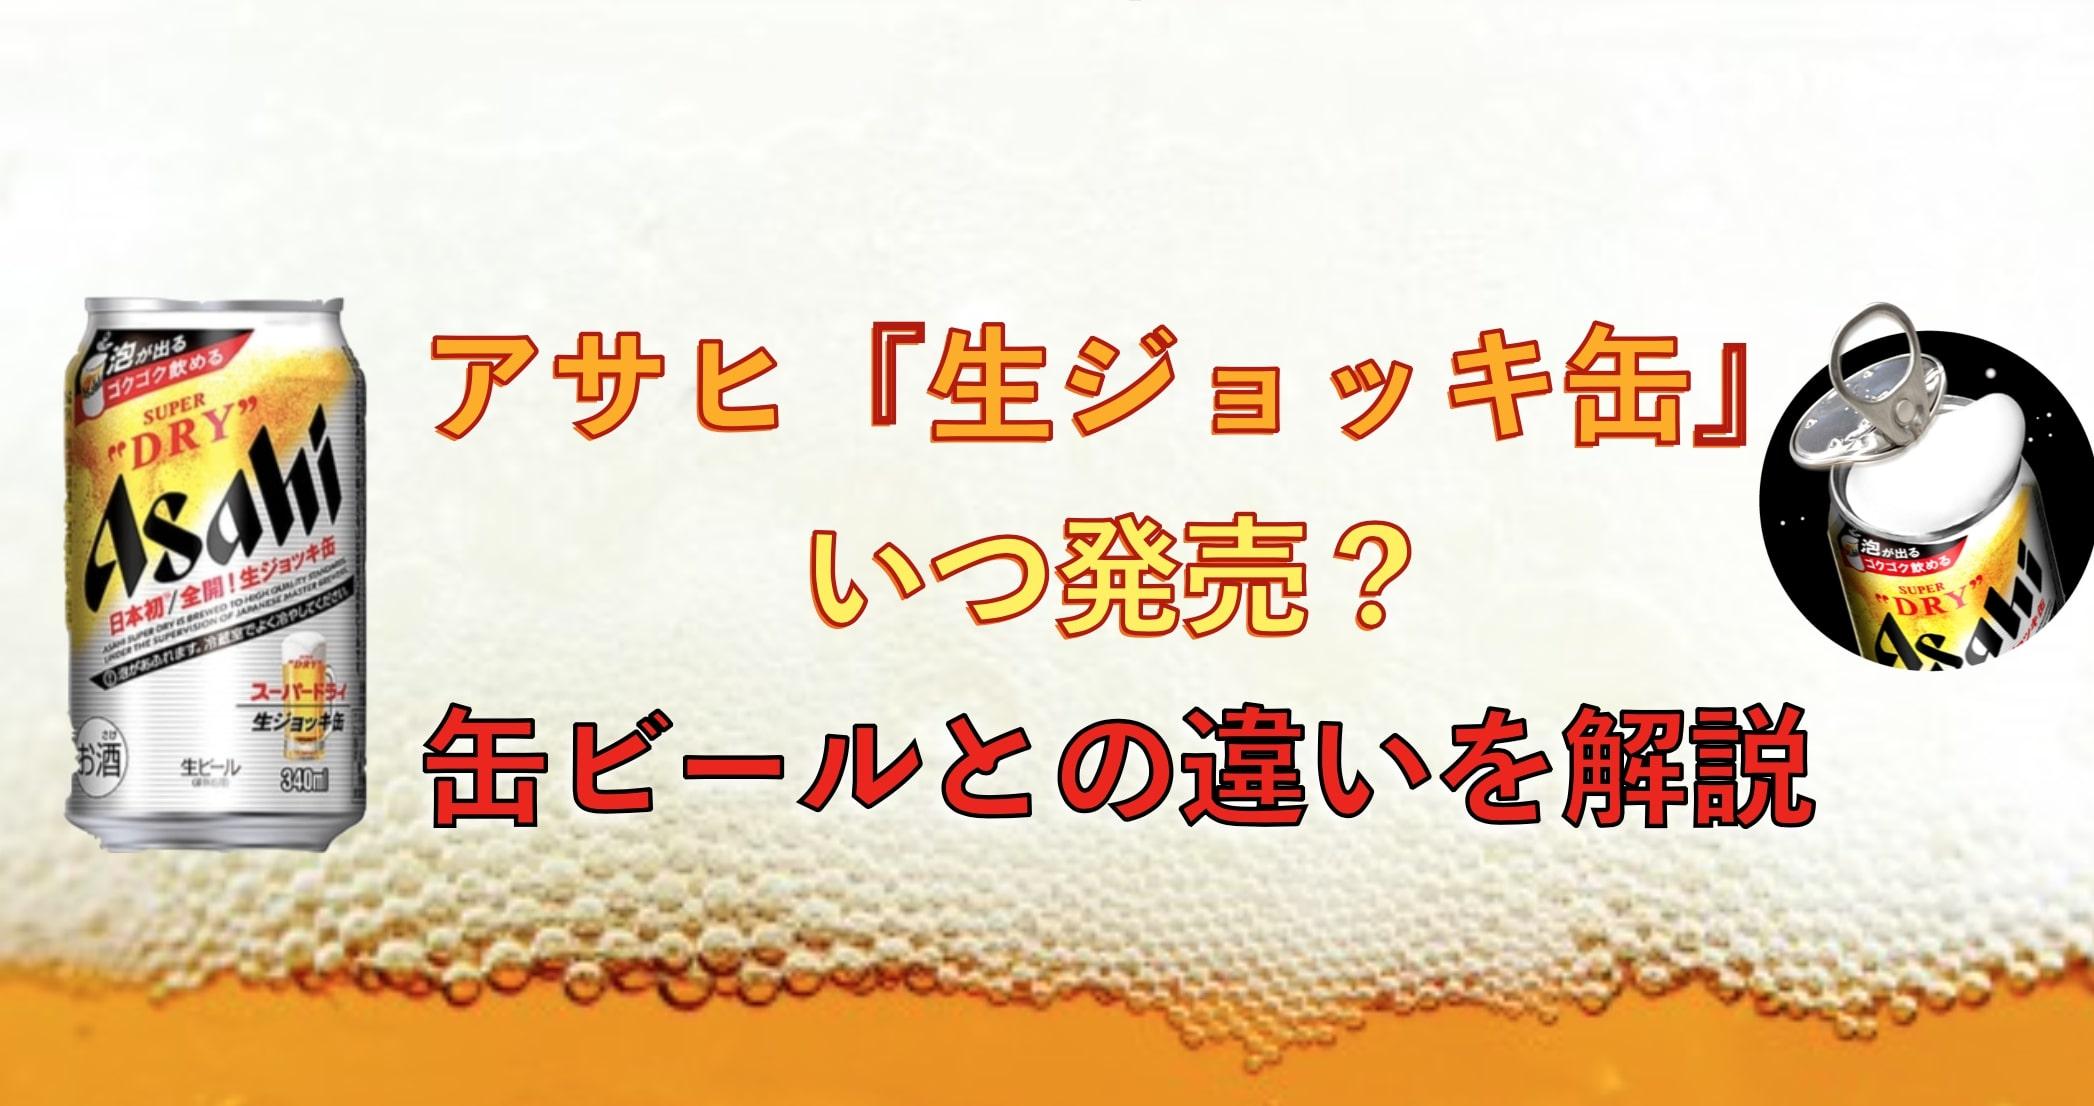 アサヒ生ジョッキ缶の発売日・缶ビールとの違い